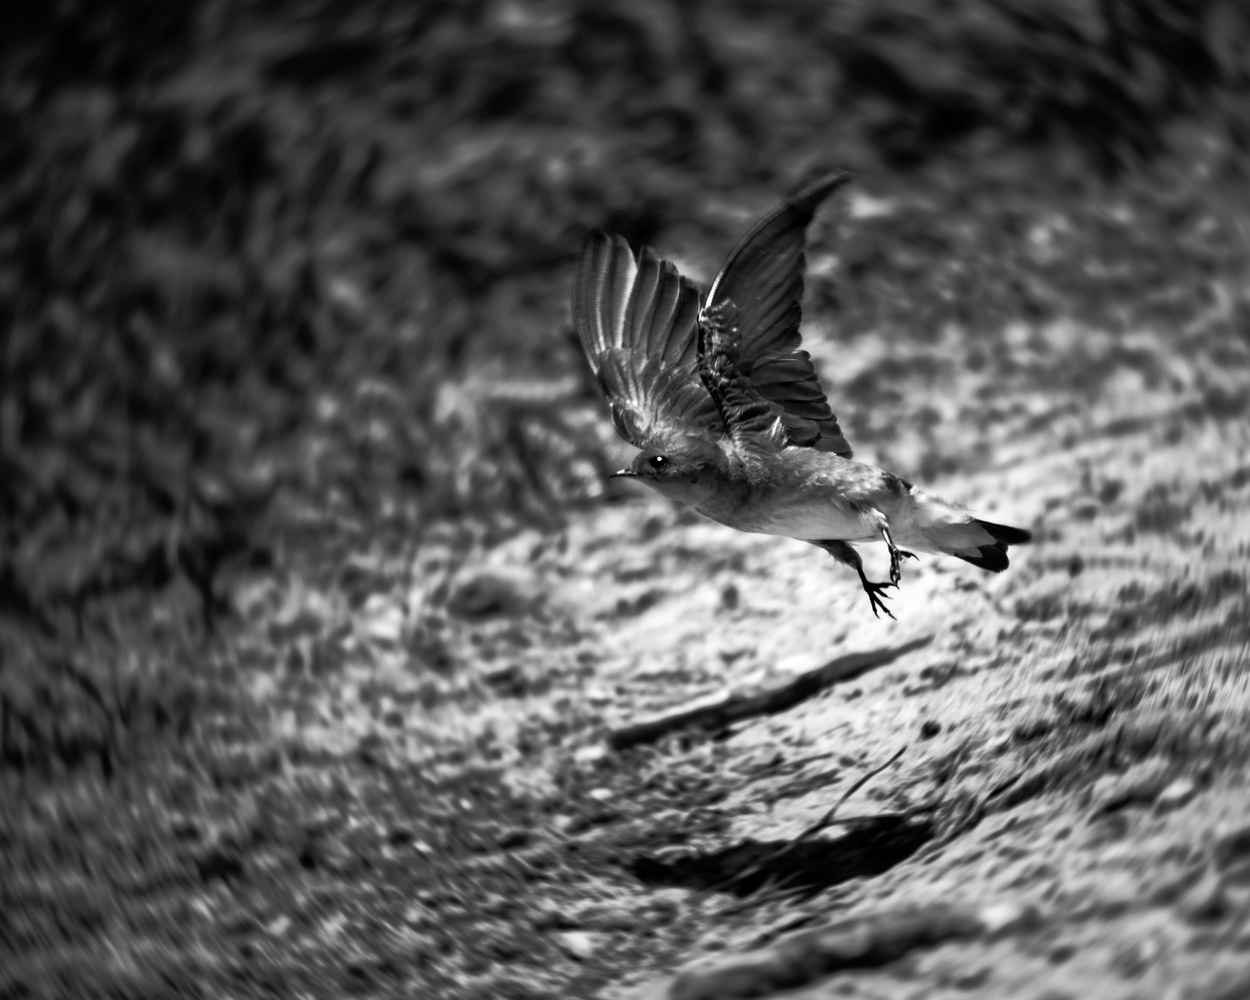 Warp Speed by James Mason